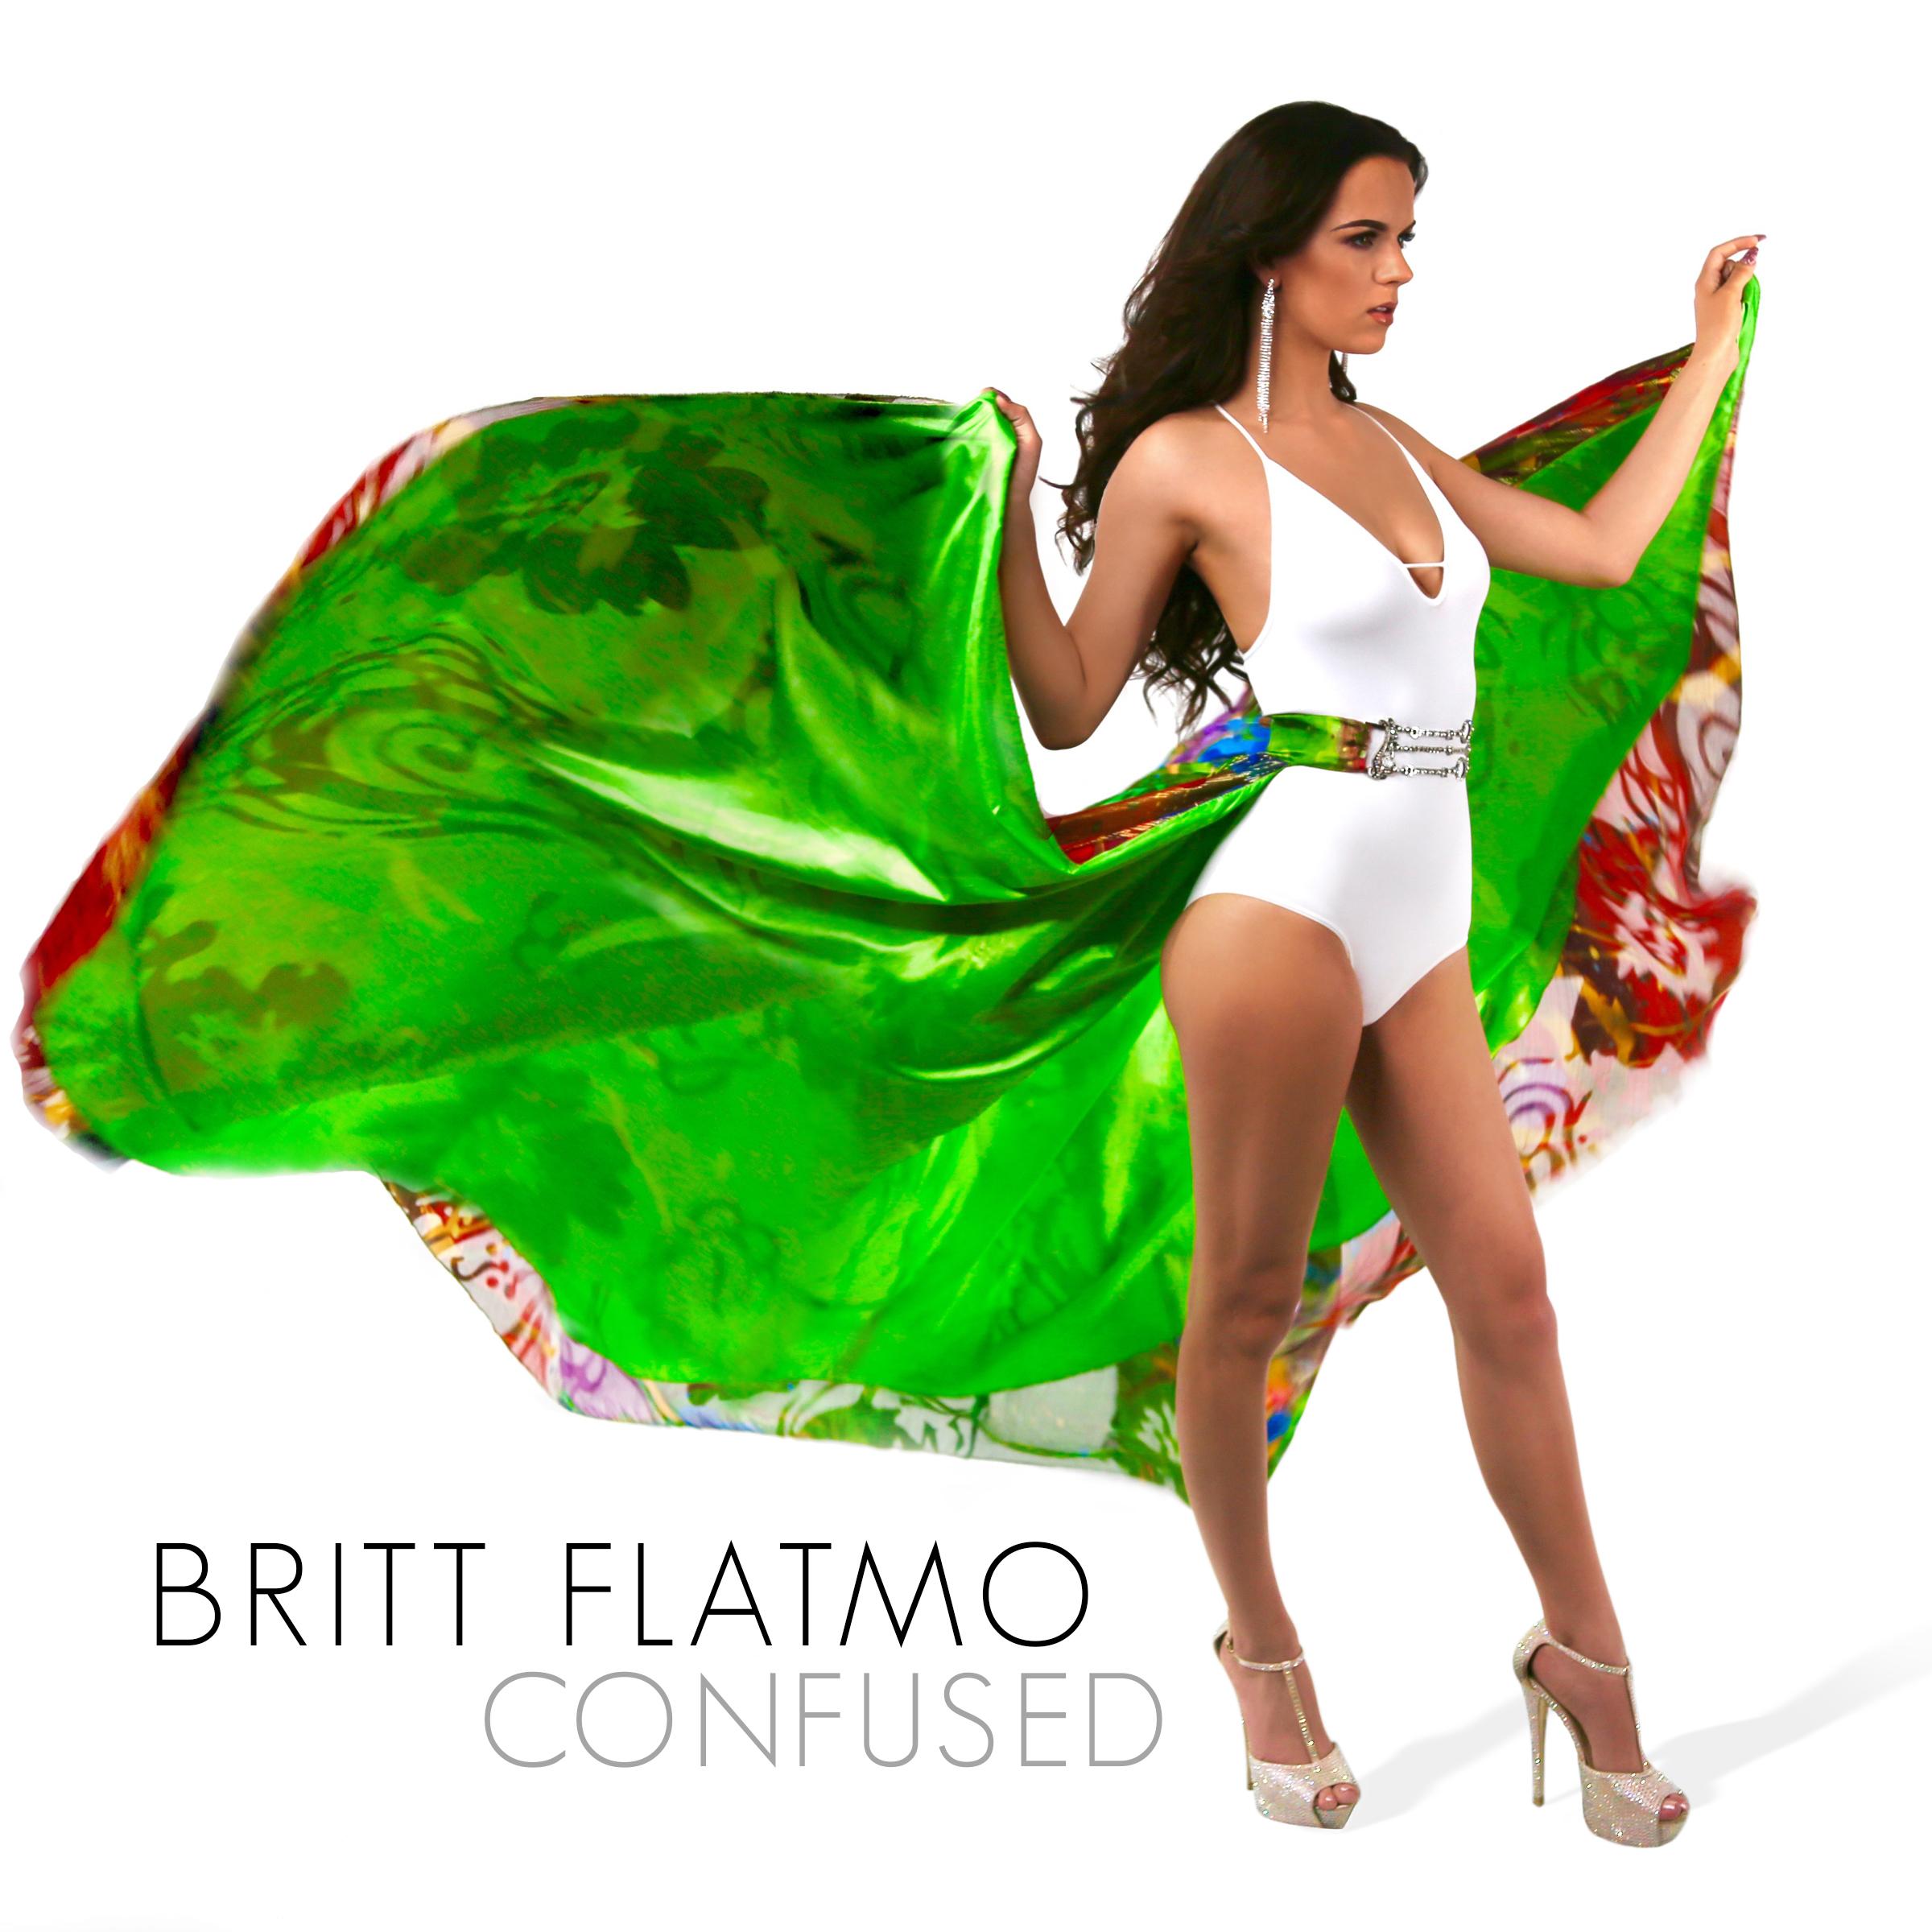 Britt_Flatmo_Single_Release_Confused_Album_cover